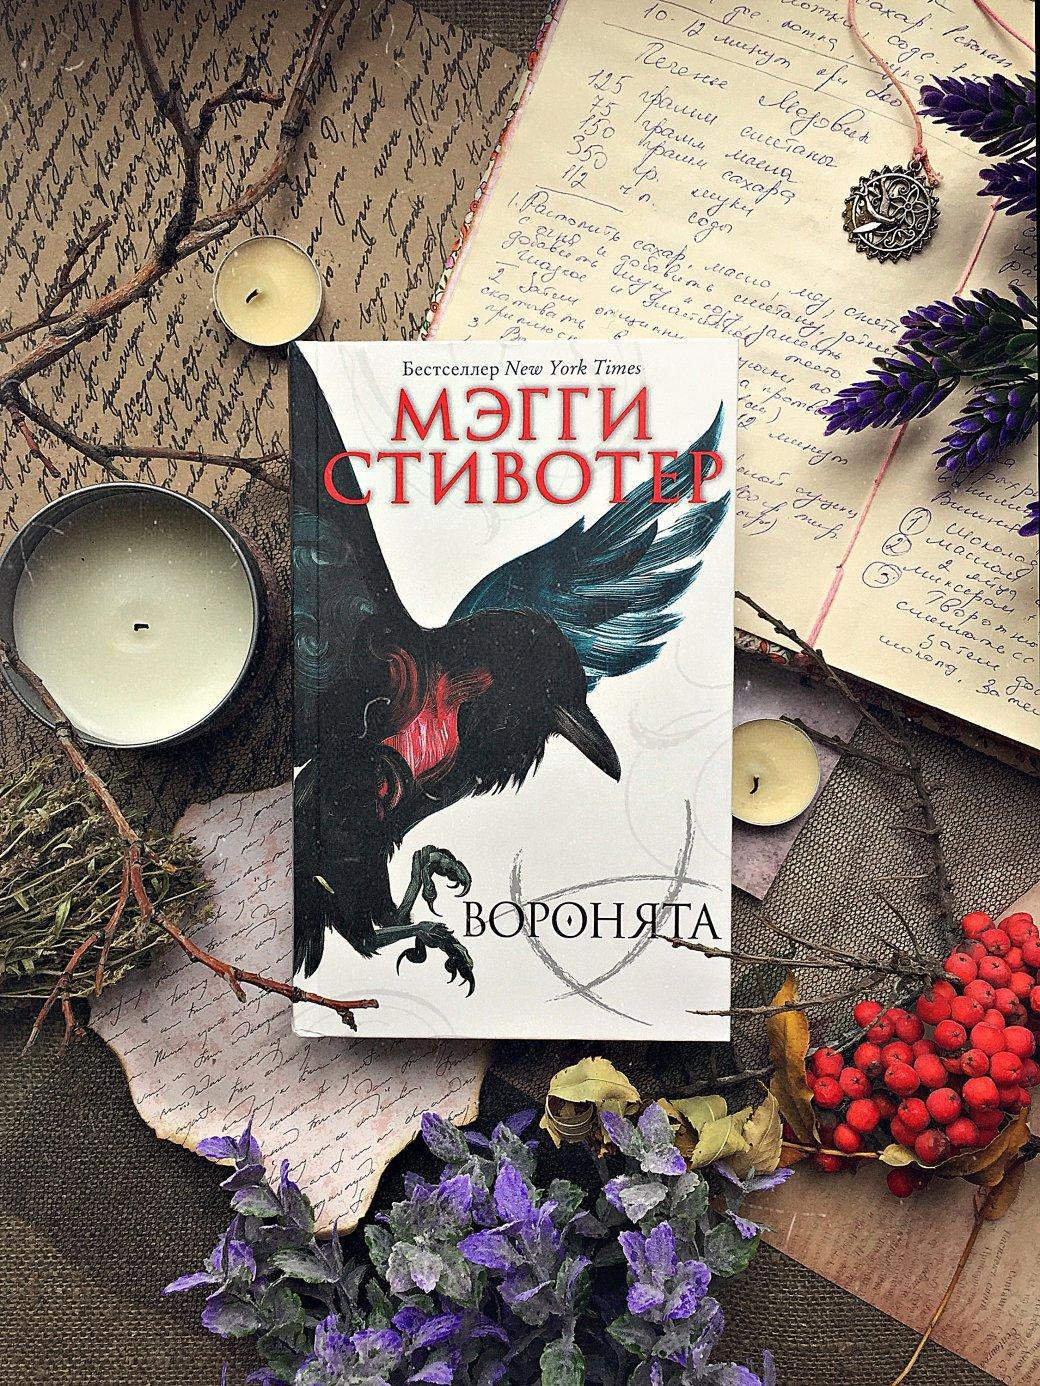 Лучшие фэнтези-книги для подростков - топ подростковых романов в жанре фэнтези | Канобу - Изображение 5